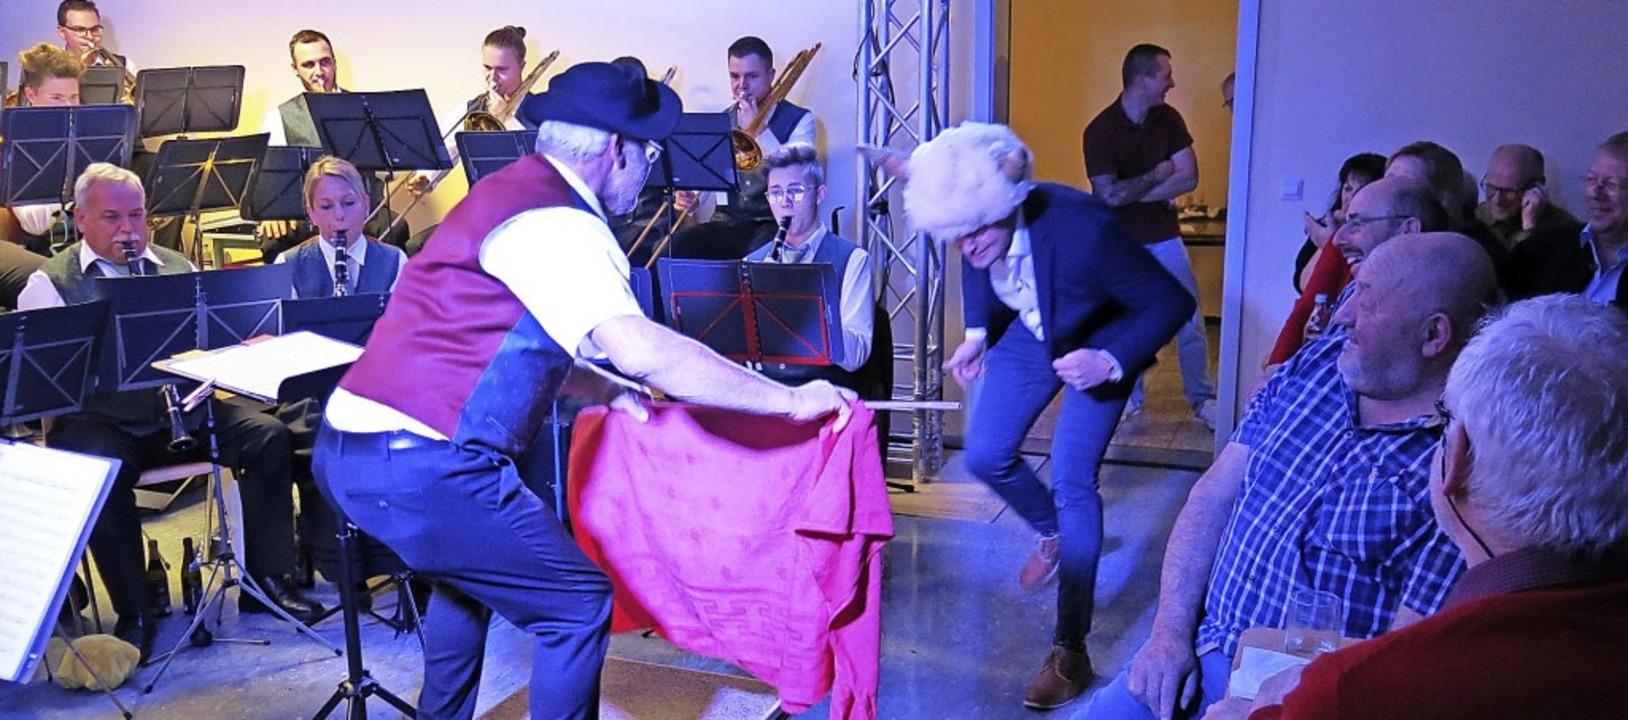 Die Show kam beim Konzert auch nicht z... Version des  Musikvereins Dillendorf.  | Foto: Erhard Morath